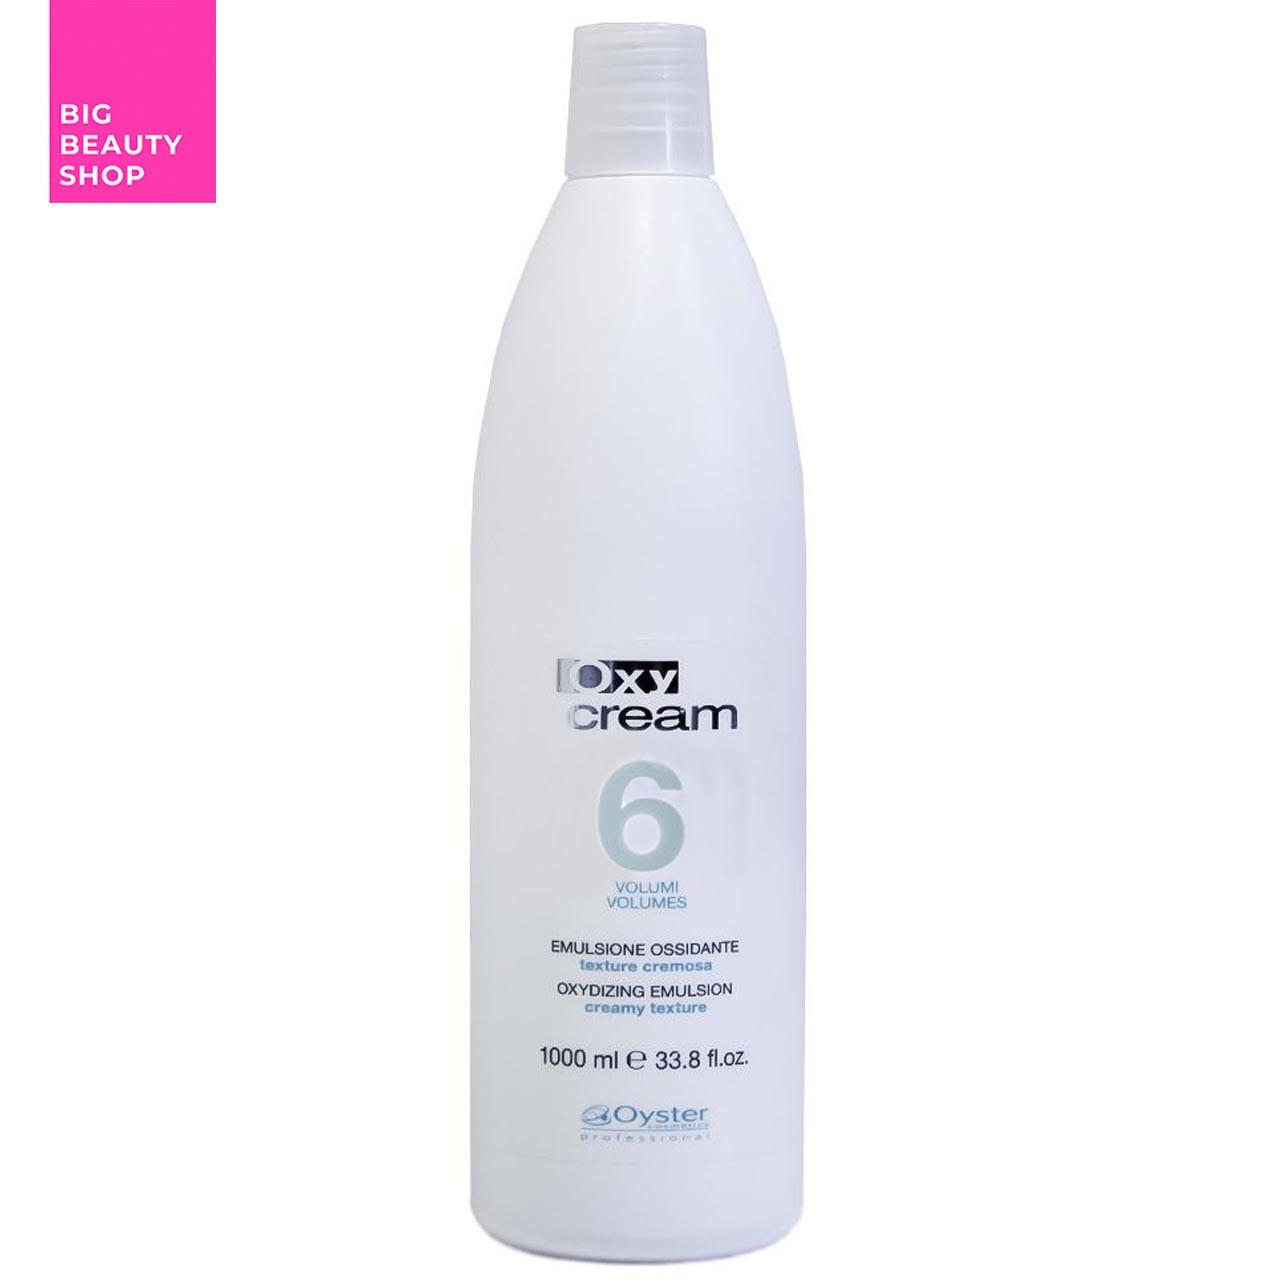 Окислительная эмульсия Oyster Cosmetics 1.8% (6 Vol.) Oxy Cream 1000 мл